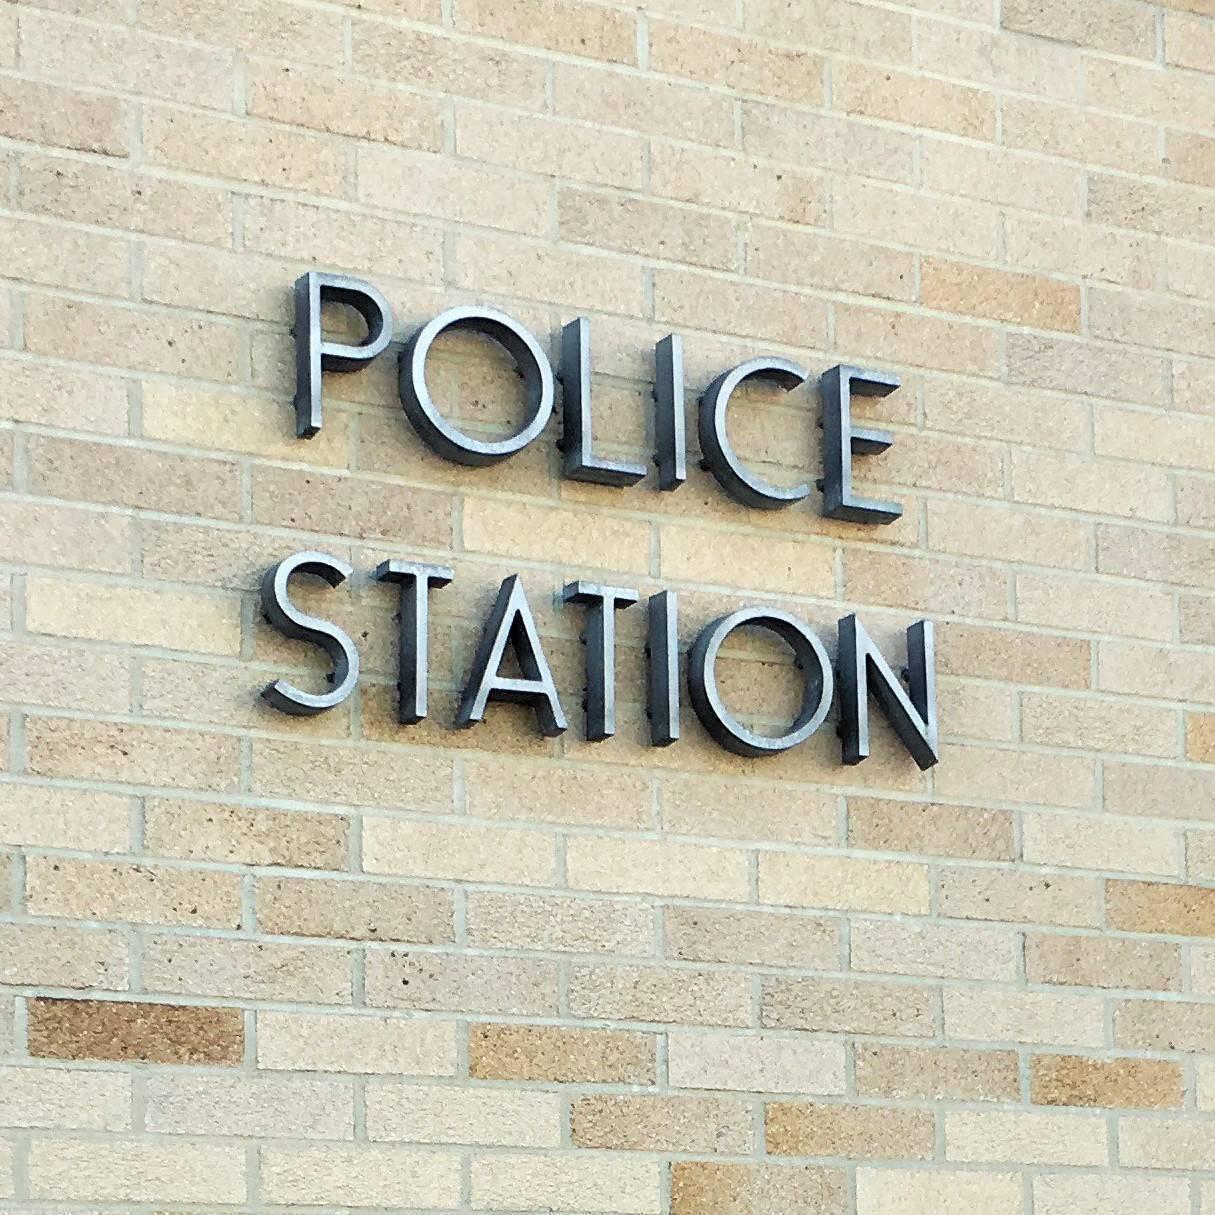 7efbd065126de8484c2d_best_3c876827c937e92c1c63_651250e818e479cc1f07_Police_Station2.jpeg